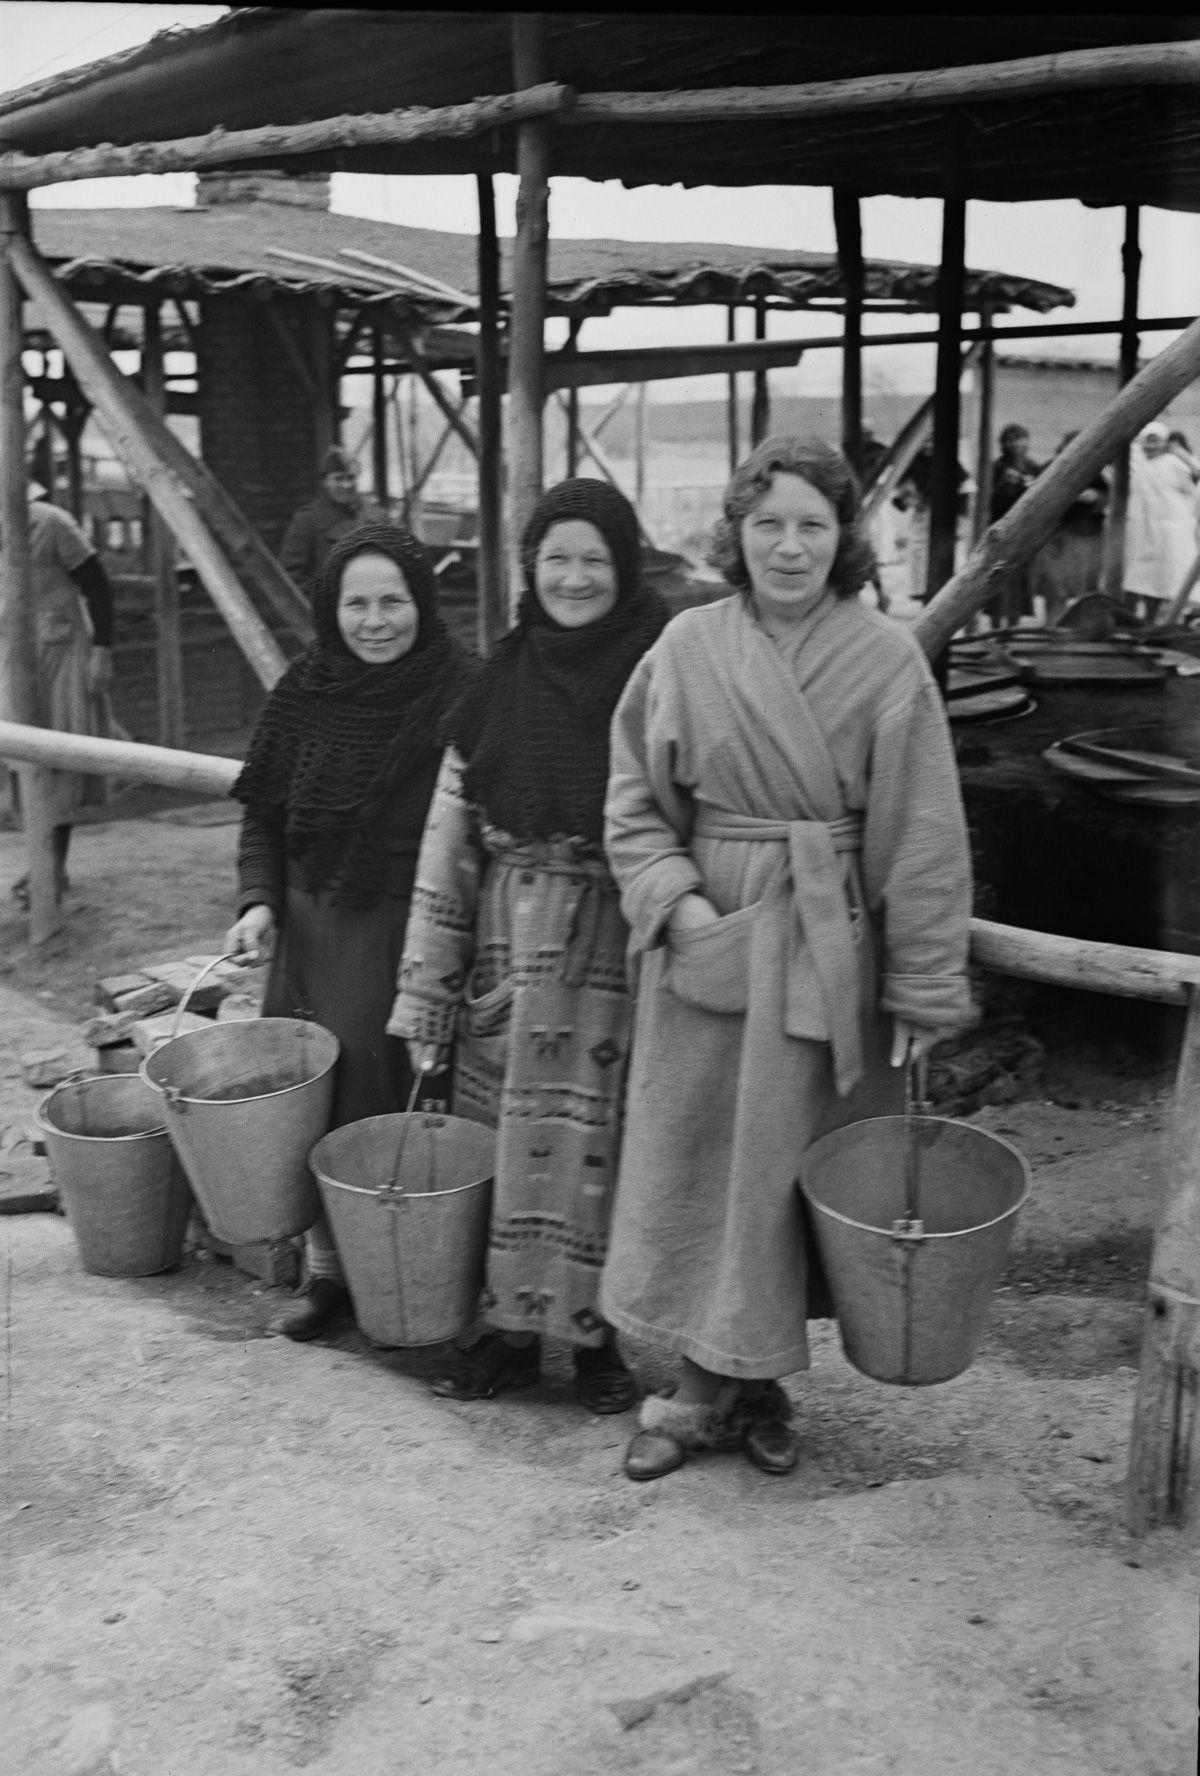 Na Segunda Guerra Mundial, refugiados poloneses encontraram segurança no Irã 06